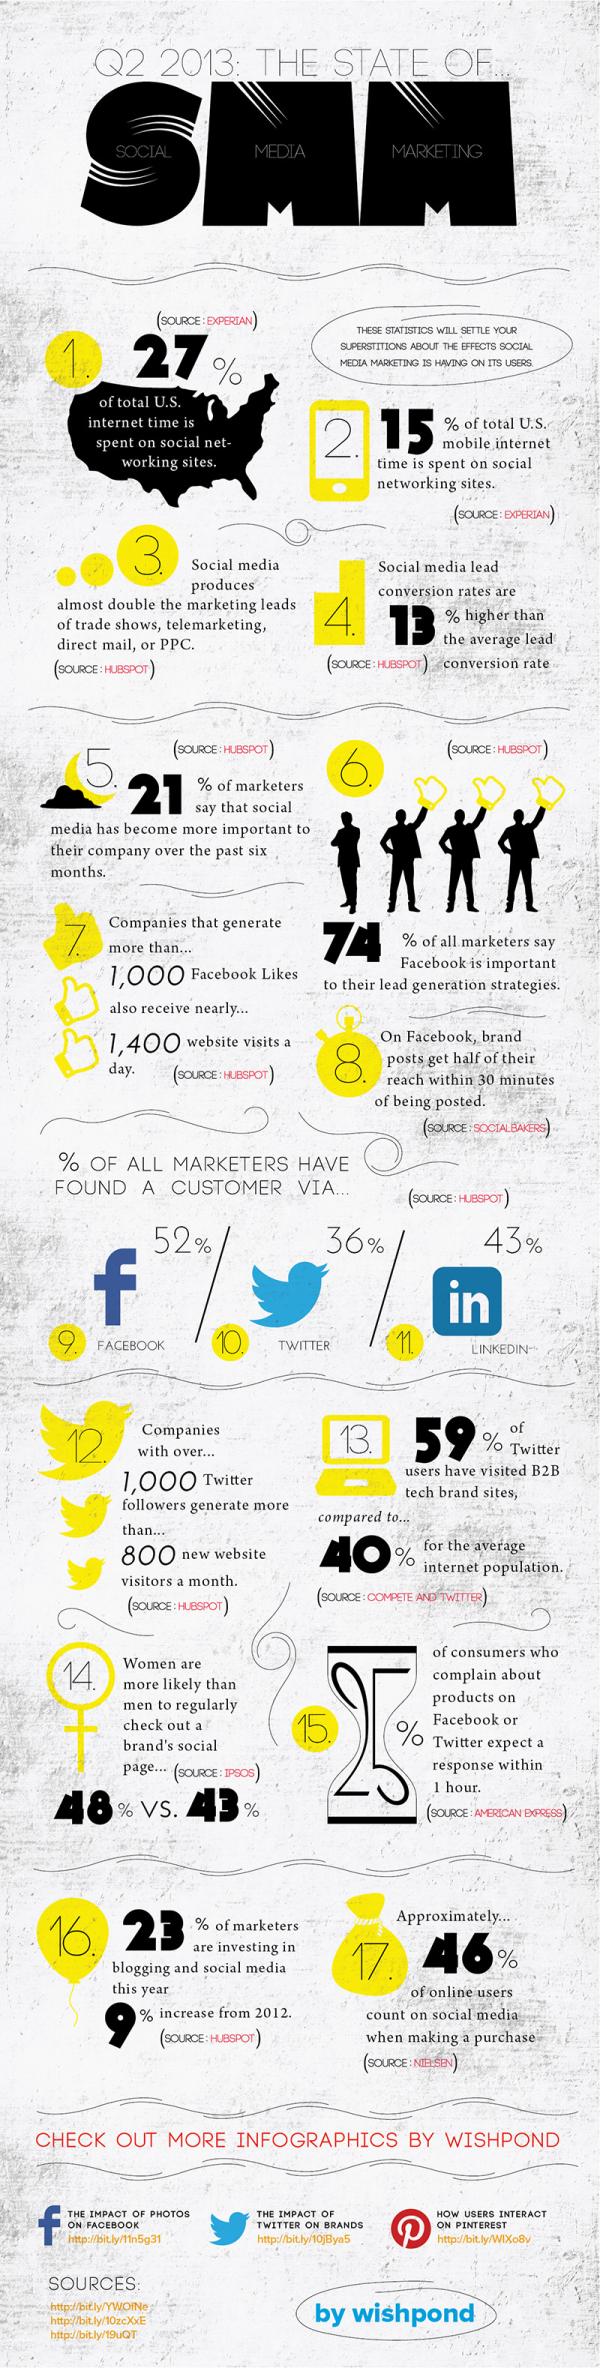 Social Media Marketing in 2013 resized 600